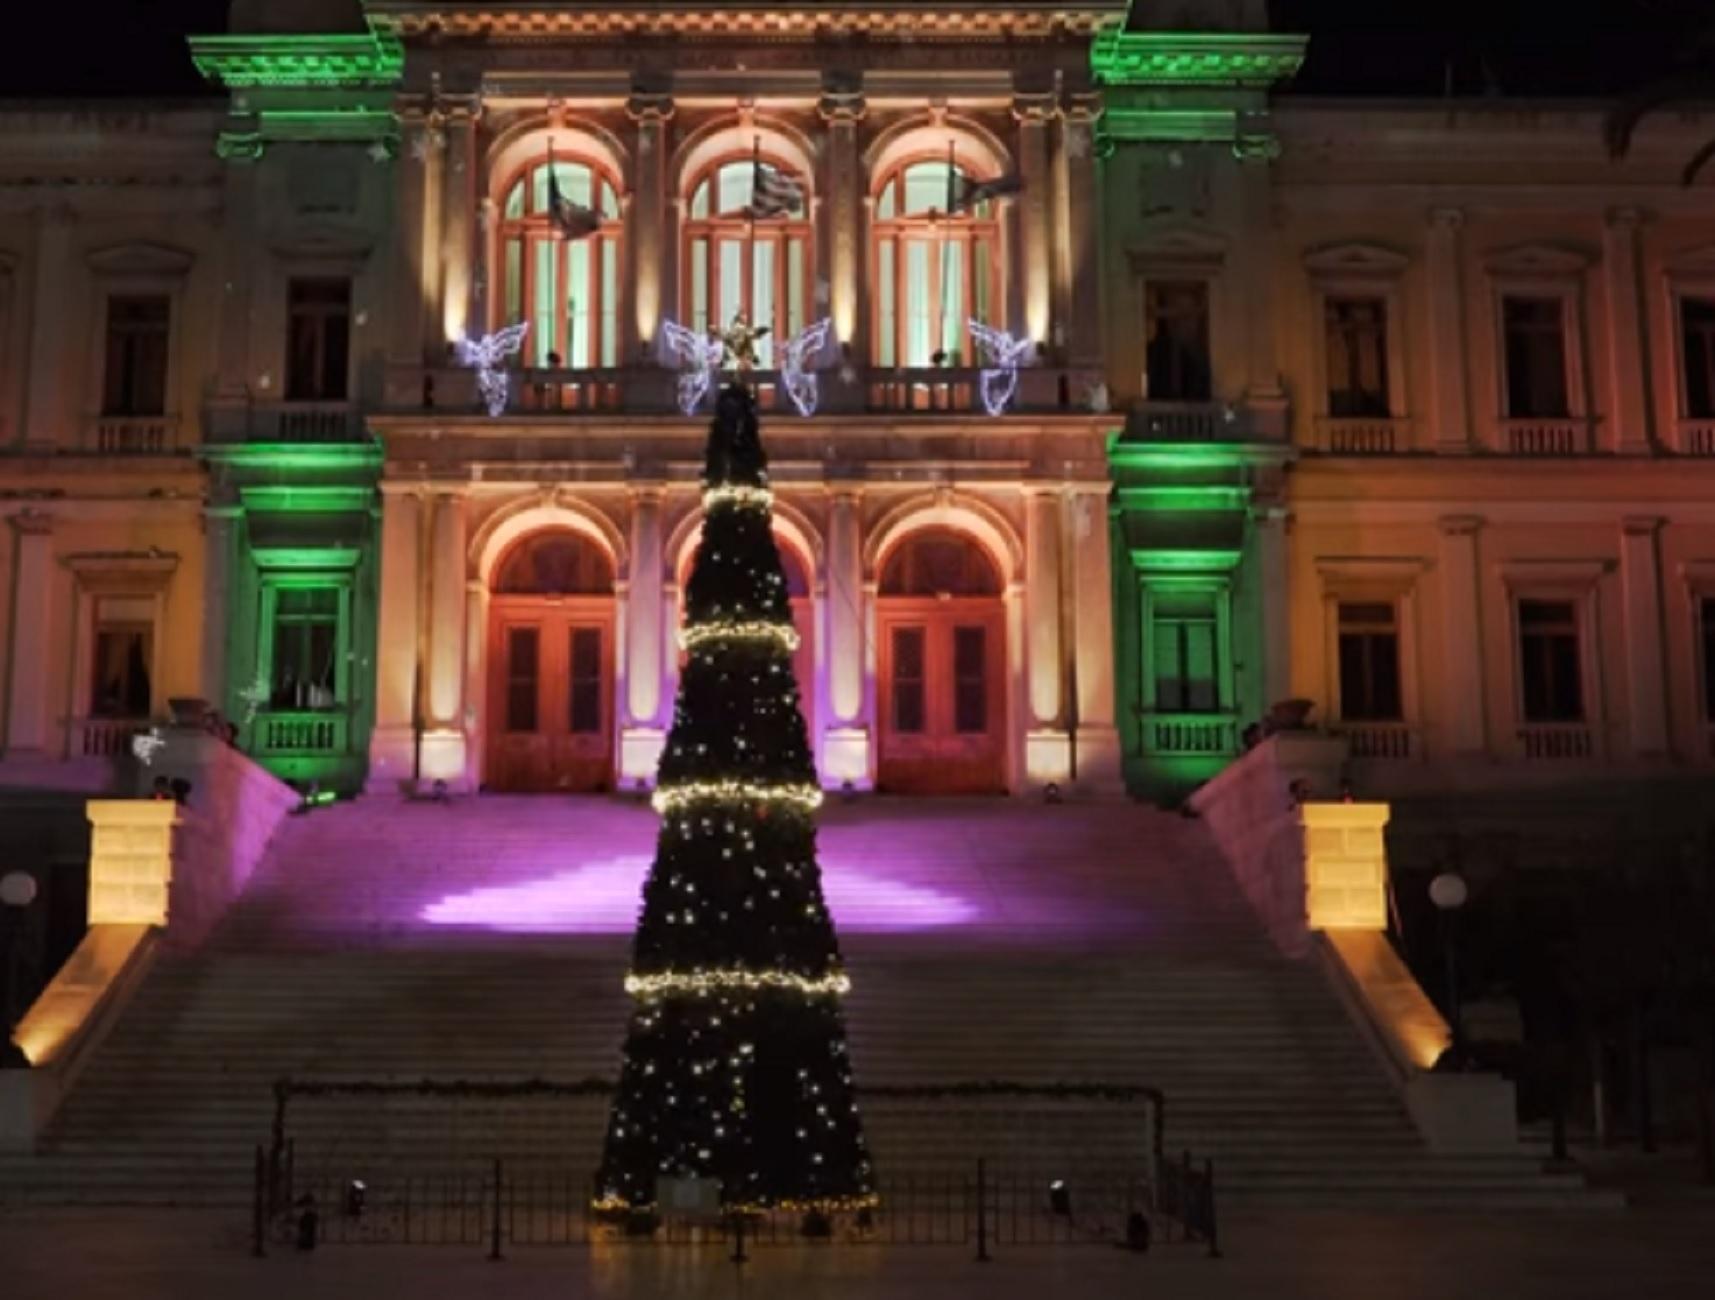 Σύρος: Λάμψη… μελαγχολίας! Δείτε πως άναψε φέτος το χριστουγεννιάτικο δέντρο στην Ερμούπολη (Βίντεο)